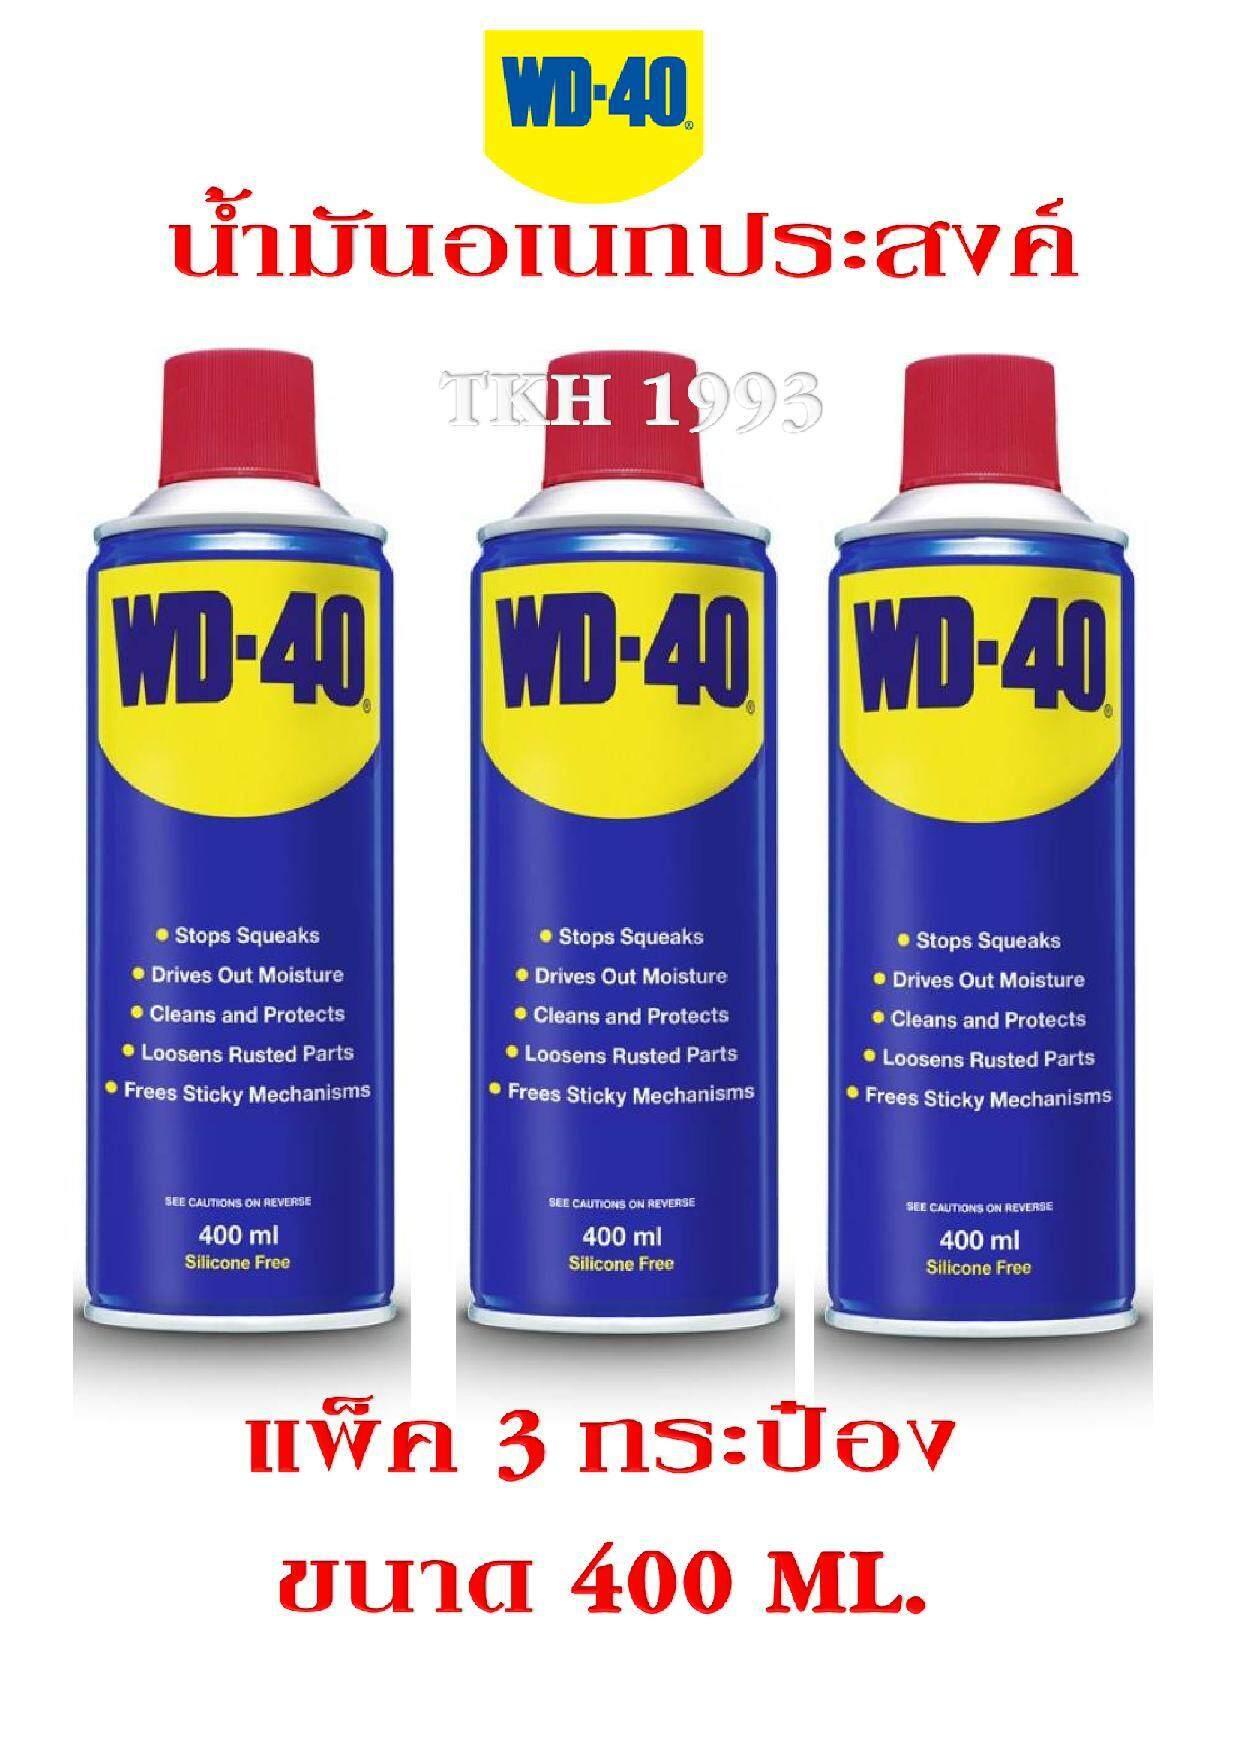 Wd-40 น้ำมันอเนกประสงค์ ขนาด 400 Ml.จำนวน 3 กระป๋อง By Tkh1993.